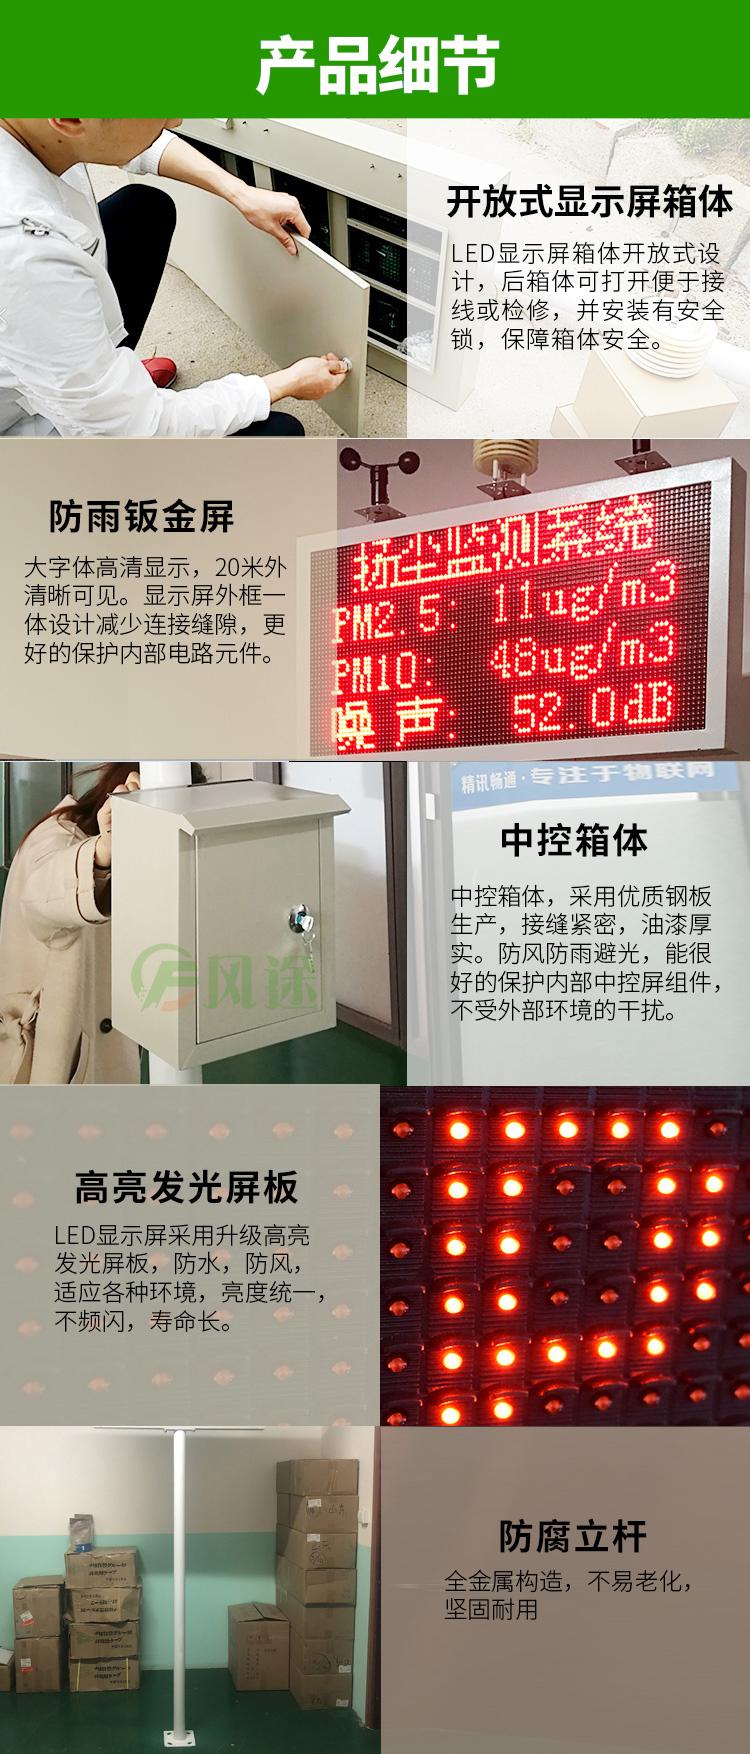 噪声扬尘监测系统产品细节